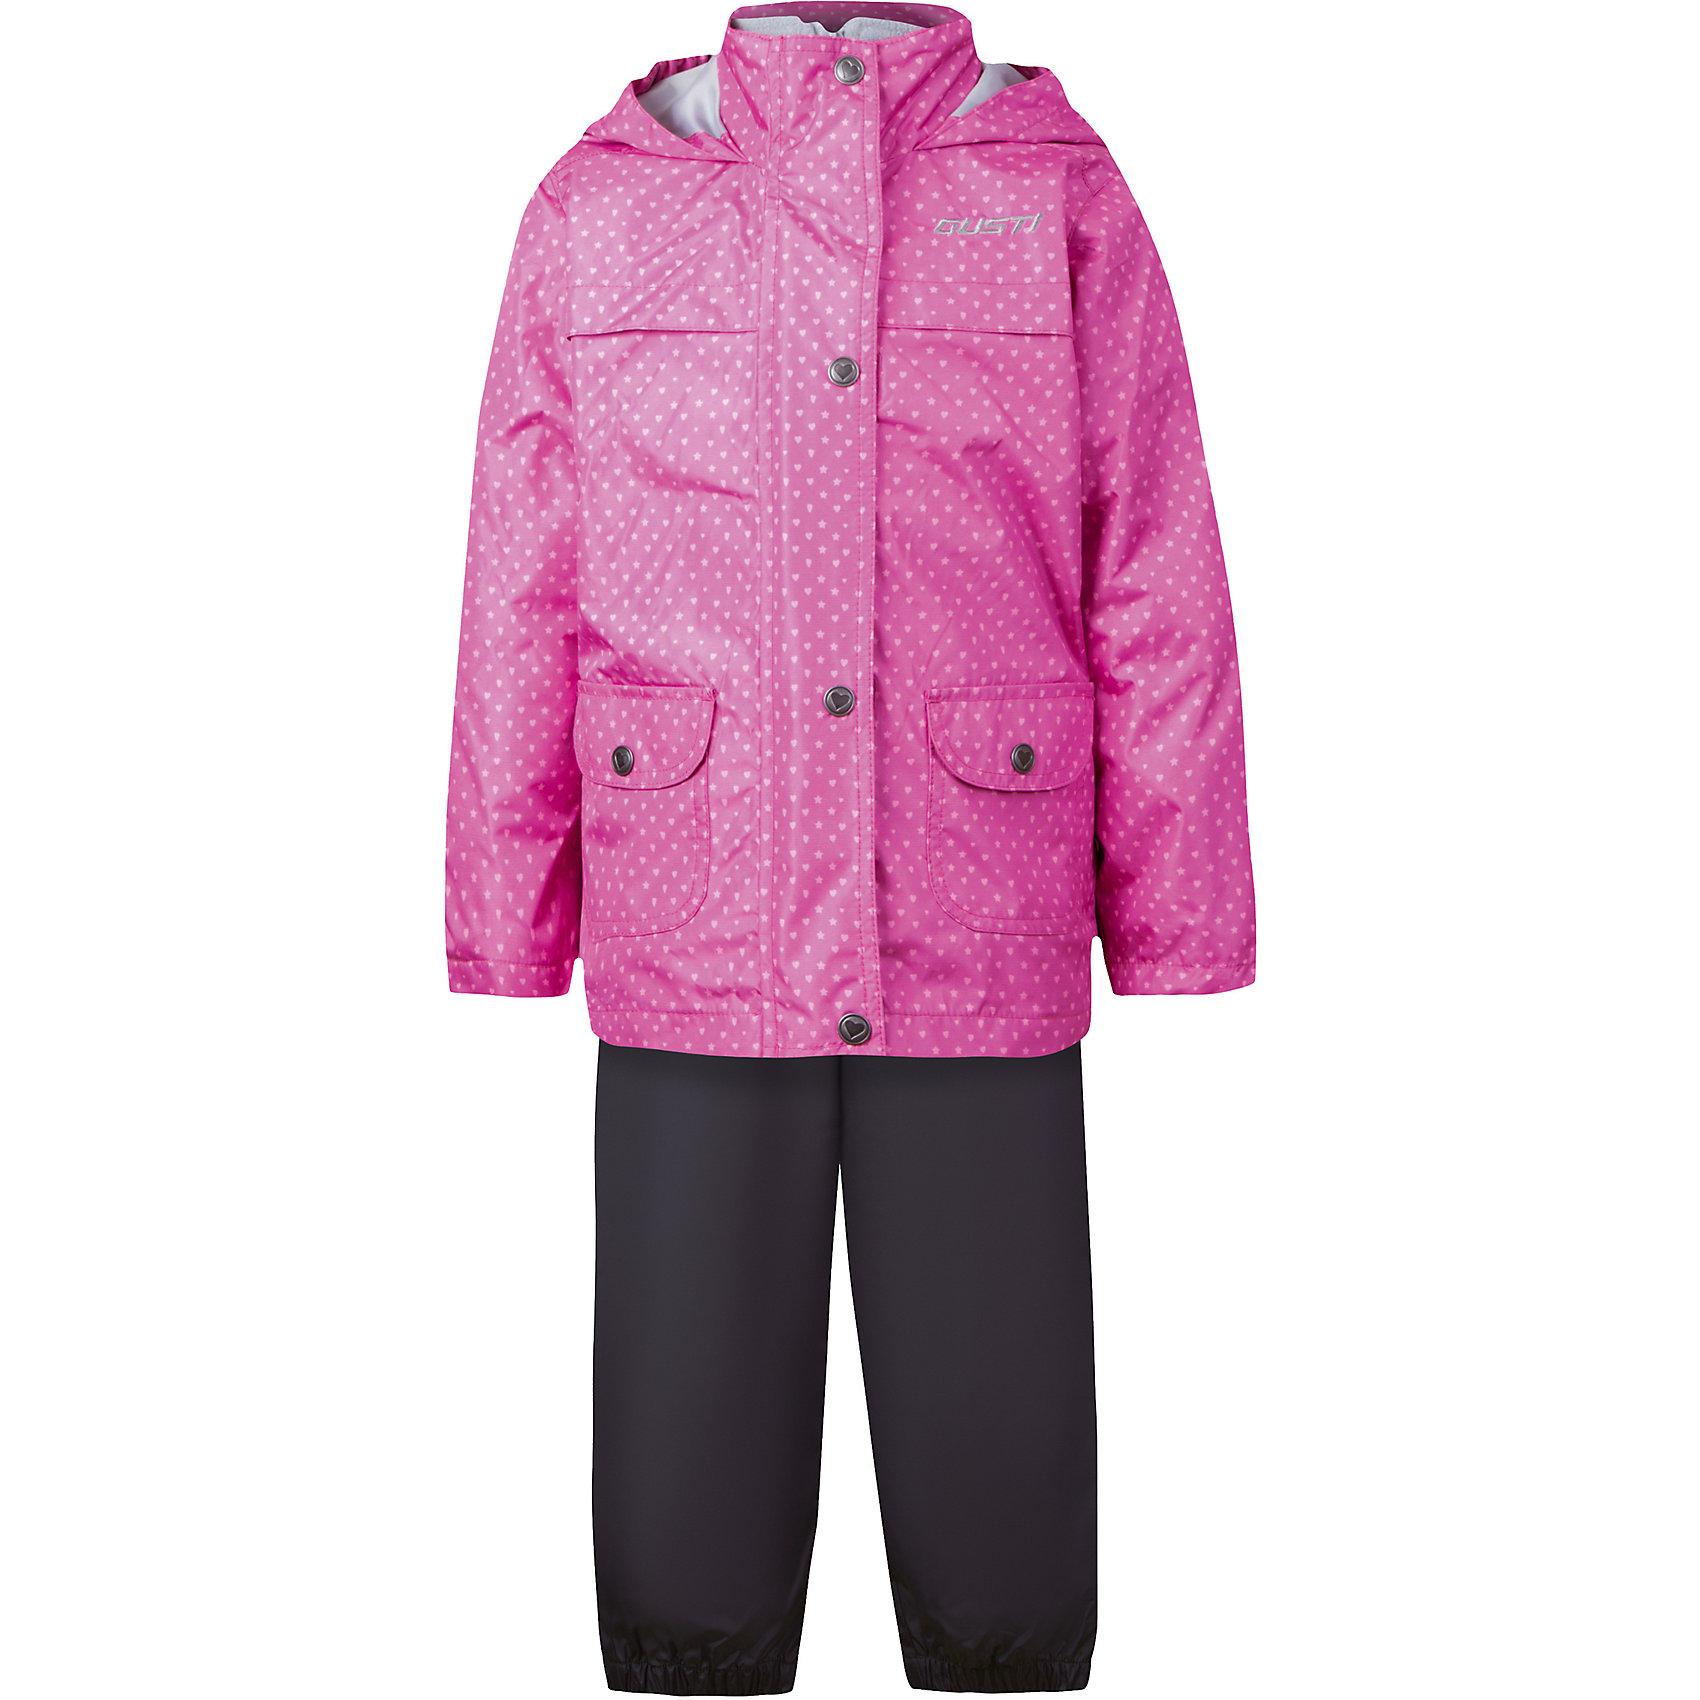 Комплект: куртка, толстовка и брюки для девочки GustiВерхняя одежда<br>Характеристики товара:<br><br>• цвет: розовый<br>• состав: 100% полиэстер, подкладка, утеплитель - 100% полиэстер<br>• комплектация: куртка, съемная флисовая подкладка, брюки<br>• температурный режим: от +5° С до +15° С<br>• водонепроницаемый материал<br>• капюшон<br>• карманы<br>• съемные подтяжки<br>• брючины эластичные<br>• комфортная посадка<br>• светоотражающие элементы<br>• молния<br>• утеплитель: синтепон<br>• демисезонный<br>• страна бренда: Канада<br><br>Этот демисезонный комплект из куртки, пристегивающейся к ней толстовки из флиса, и штанов поможет обеспечить ребенку комфорт и тепло. Предметы удобно садятся по фигуре, отлично смотрятся с различной обувью. Комплект очень модно выглядит, он хорошо защищает от ветра и влаги. Материал отлично подходит для дождливой погоды. Стильный дизайн разрабатывался специально для детей.<br><br>Комплект: куртка, толстовка и брюки для девочки от известного бренда Gusti (Густи) можно купить в нашем интернет-магазине.<br><br>Ширина мм: 356<br>Глубина мм: 10<br>Высота мм: 245<br>Вес г: 519<br>Цвет: розовый<br>Возраст от месяцев: 12<br>Возраст до месяцев: 15<br>Пол: Женский<br>Возраст: Детский<br>Размер: 80,120,116,110,104,100,98,92,90,86<br>SKU: 5452425